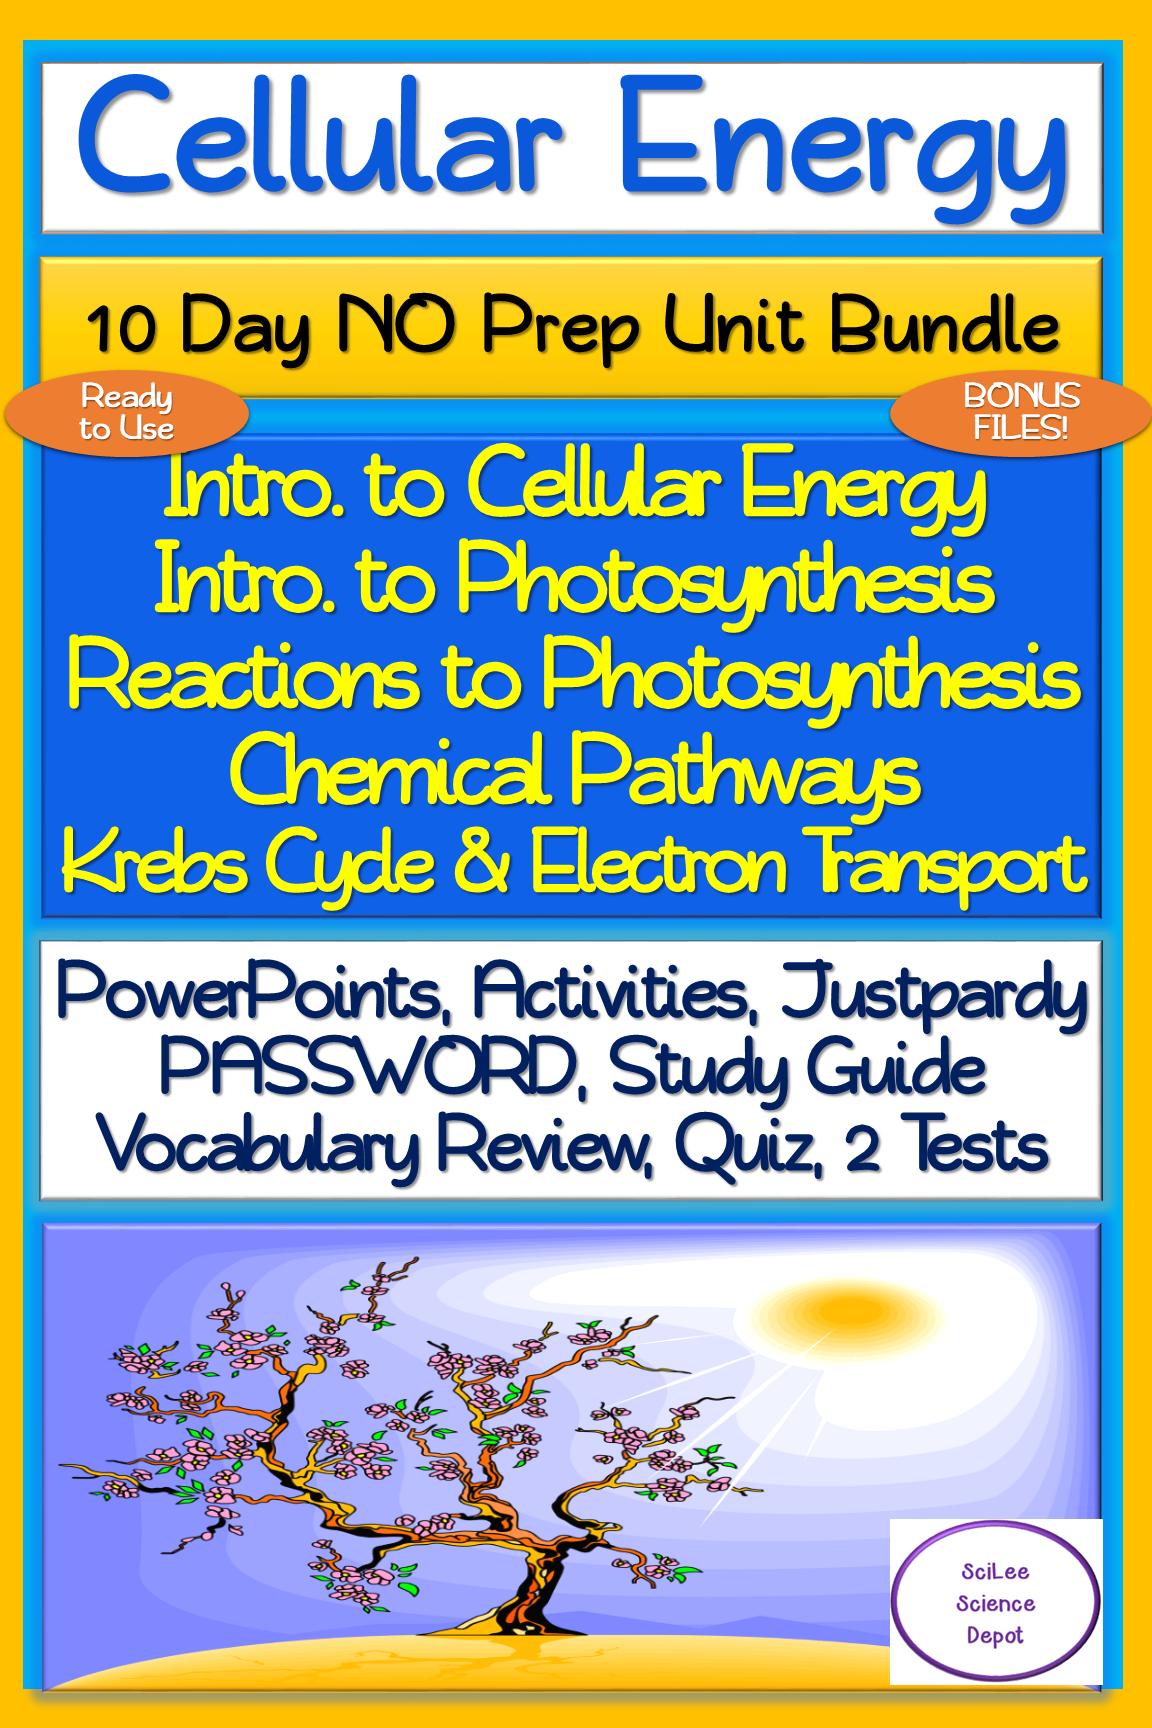 Cellular Energy 10 Day No Prep Unit Bundle Lessons